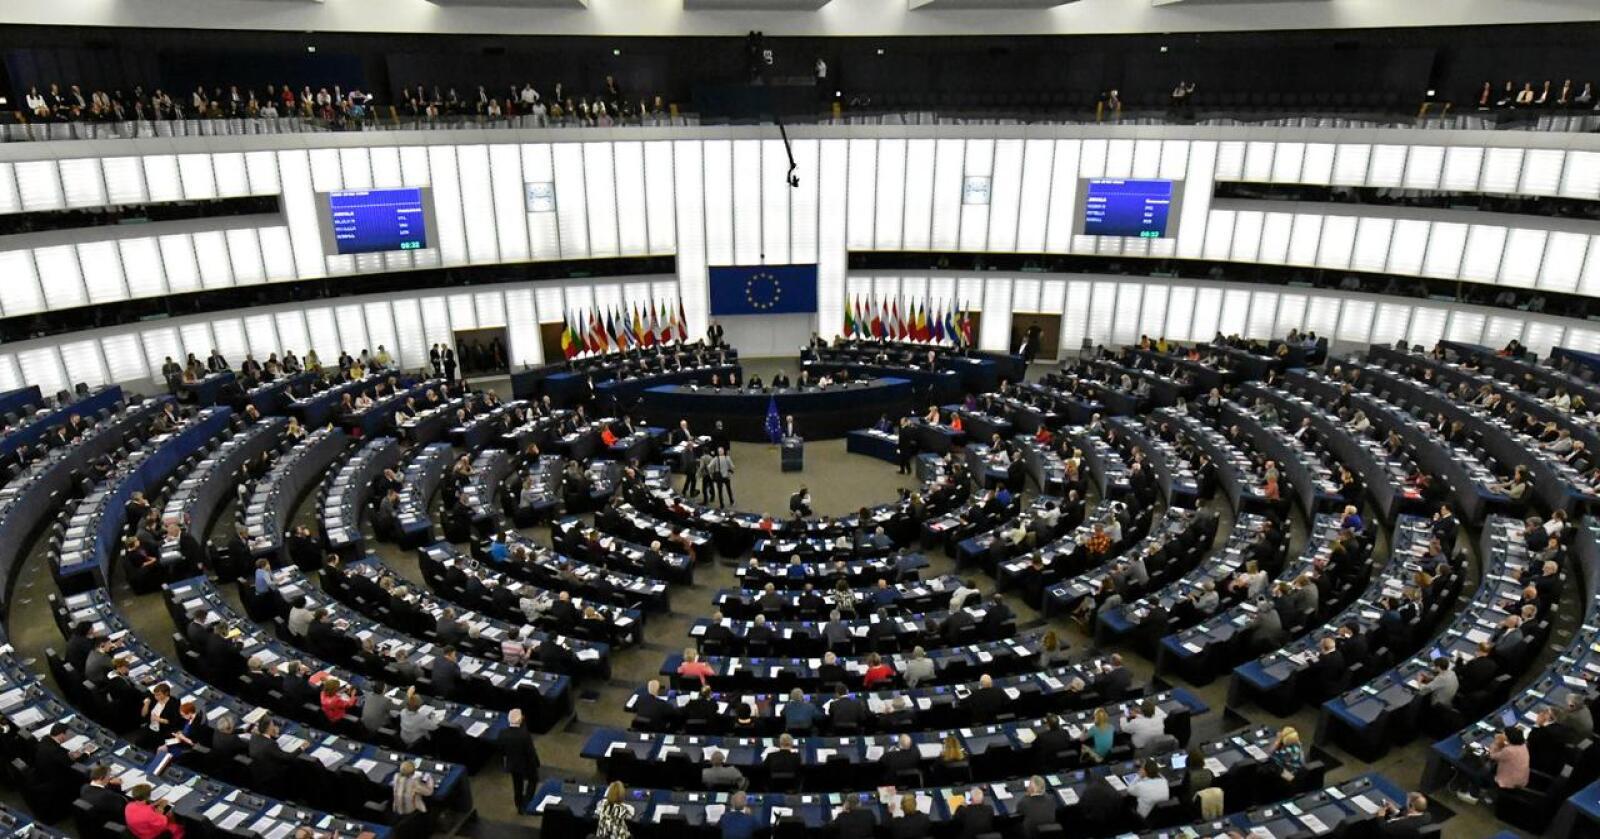 558 av 680 parlamentarikere i EU-Parlamentet stemte torsdag for borgerforslaget om å gjøre burhold forbudt i en rekke produksjoner i EU. Foto: Mauro Bottaro